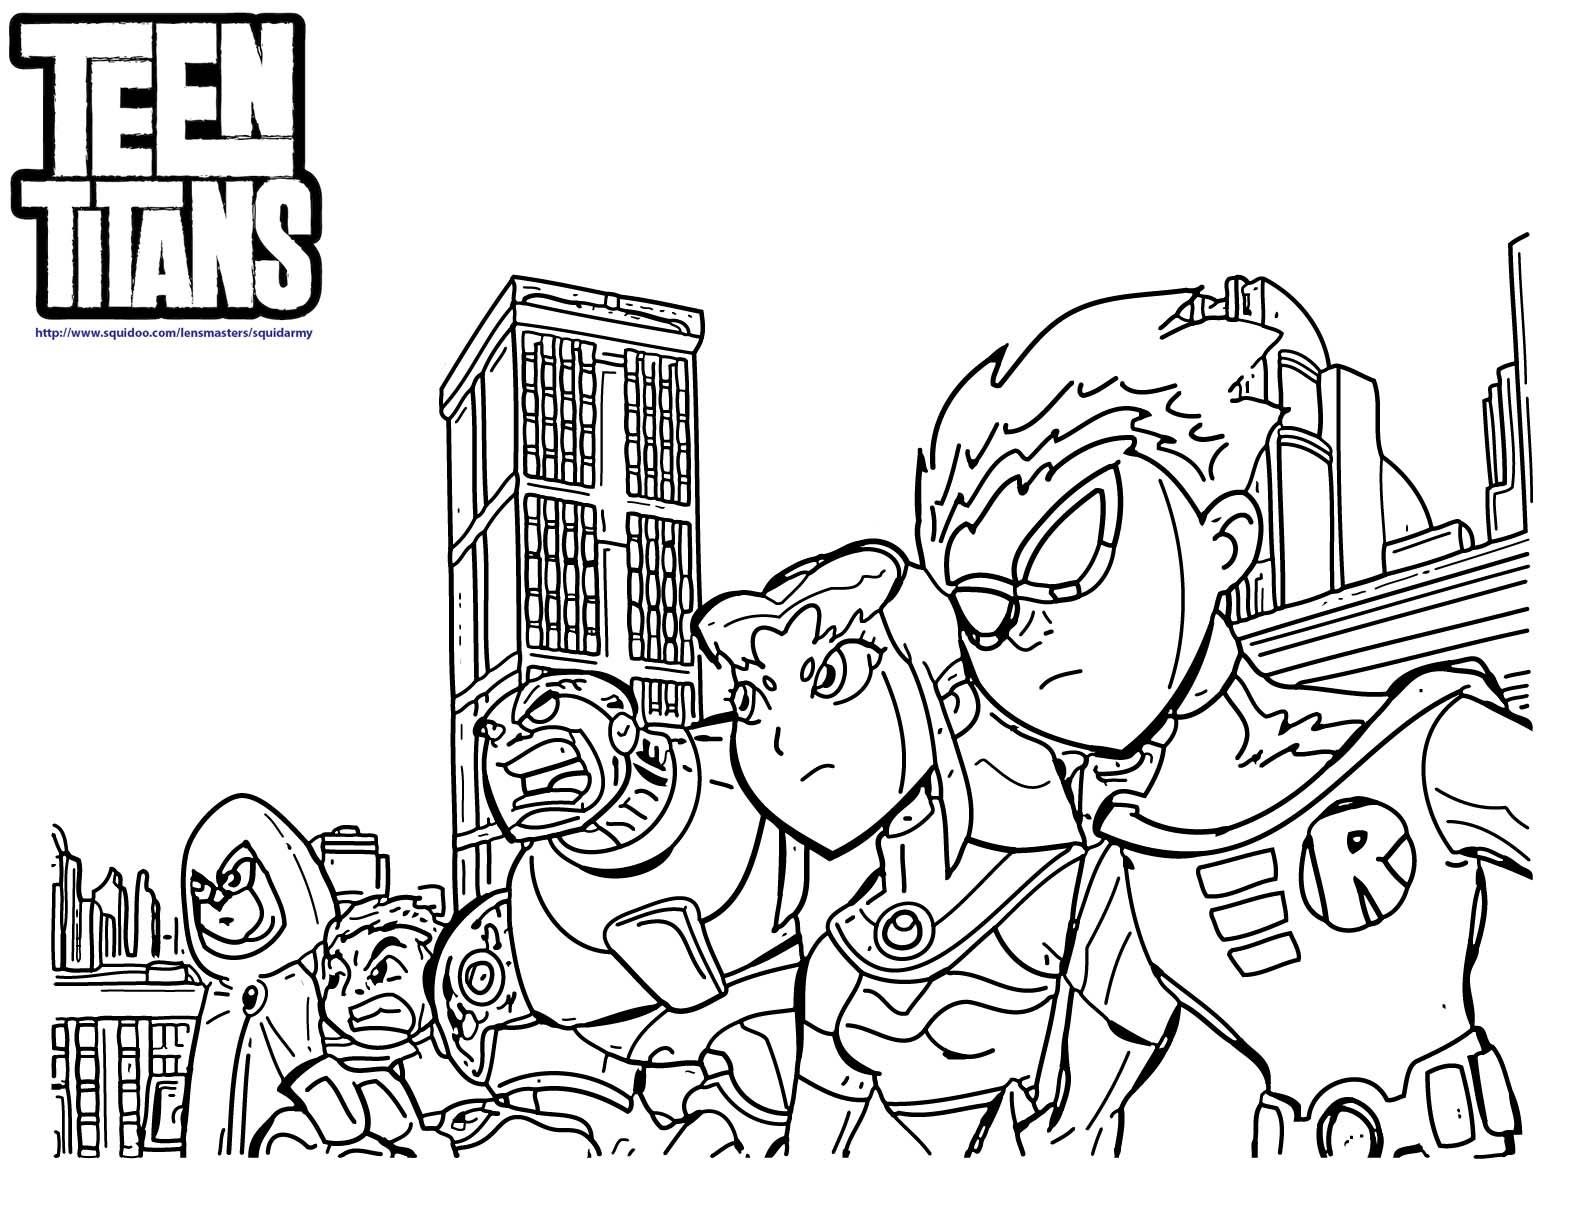 Coloriage Teen Titans À Imprimer Sur Coloriages concernant Coloriage Siborge ? Imprimer